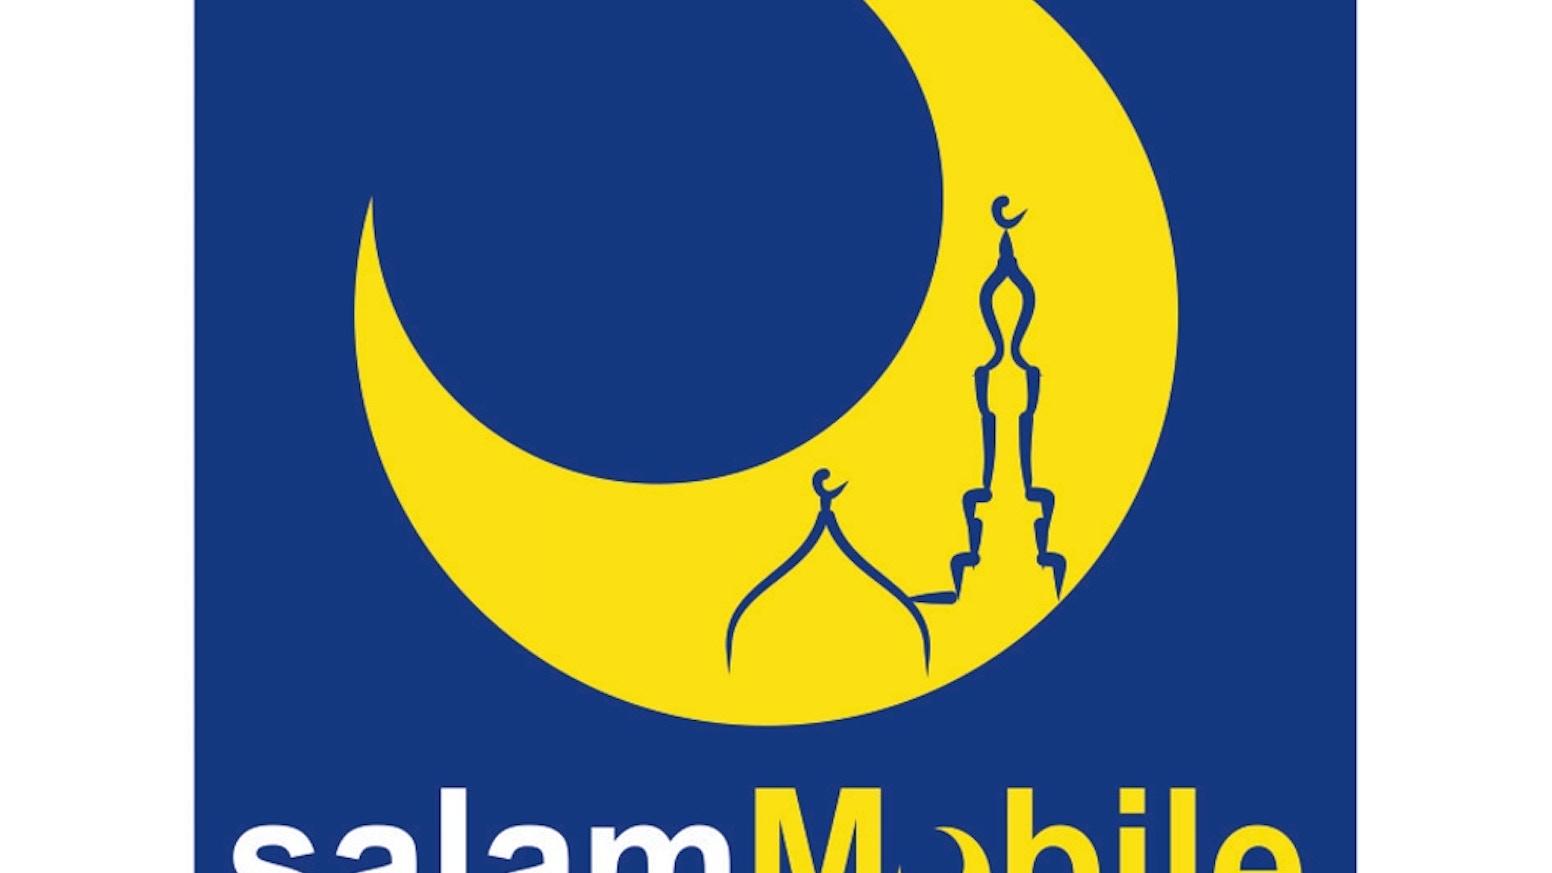 Salammobile Multi Task Application For Modern Muslims By Roustam